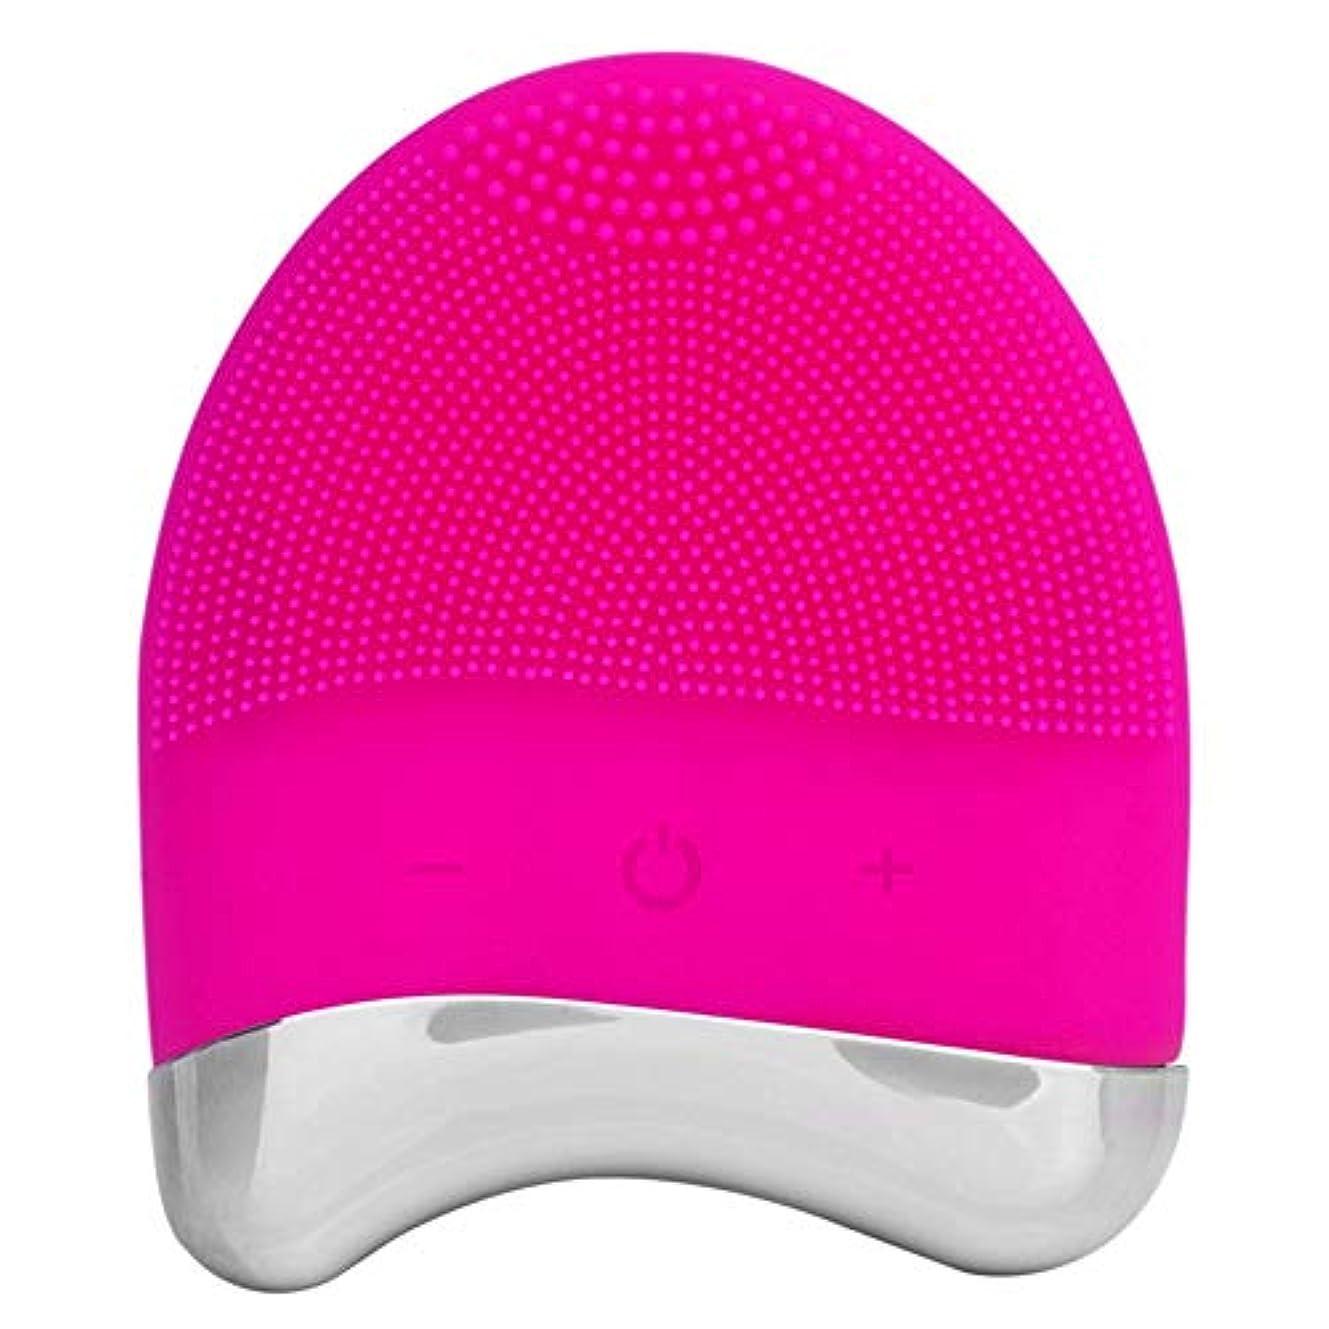 本質的にカートン統合する洗顔ブラシ 音波のシリコーンのスクラバー、すべての皮の反老化の顔の剥離のための表面の振動のマッサージャーの再充電可能で深いクリーニング ディープクレンジングスキンケア用 (色 : ローズレッド, サイズ : Free size)